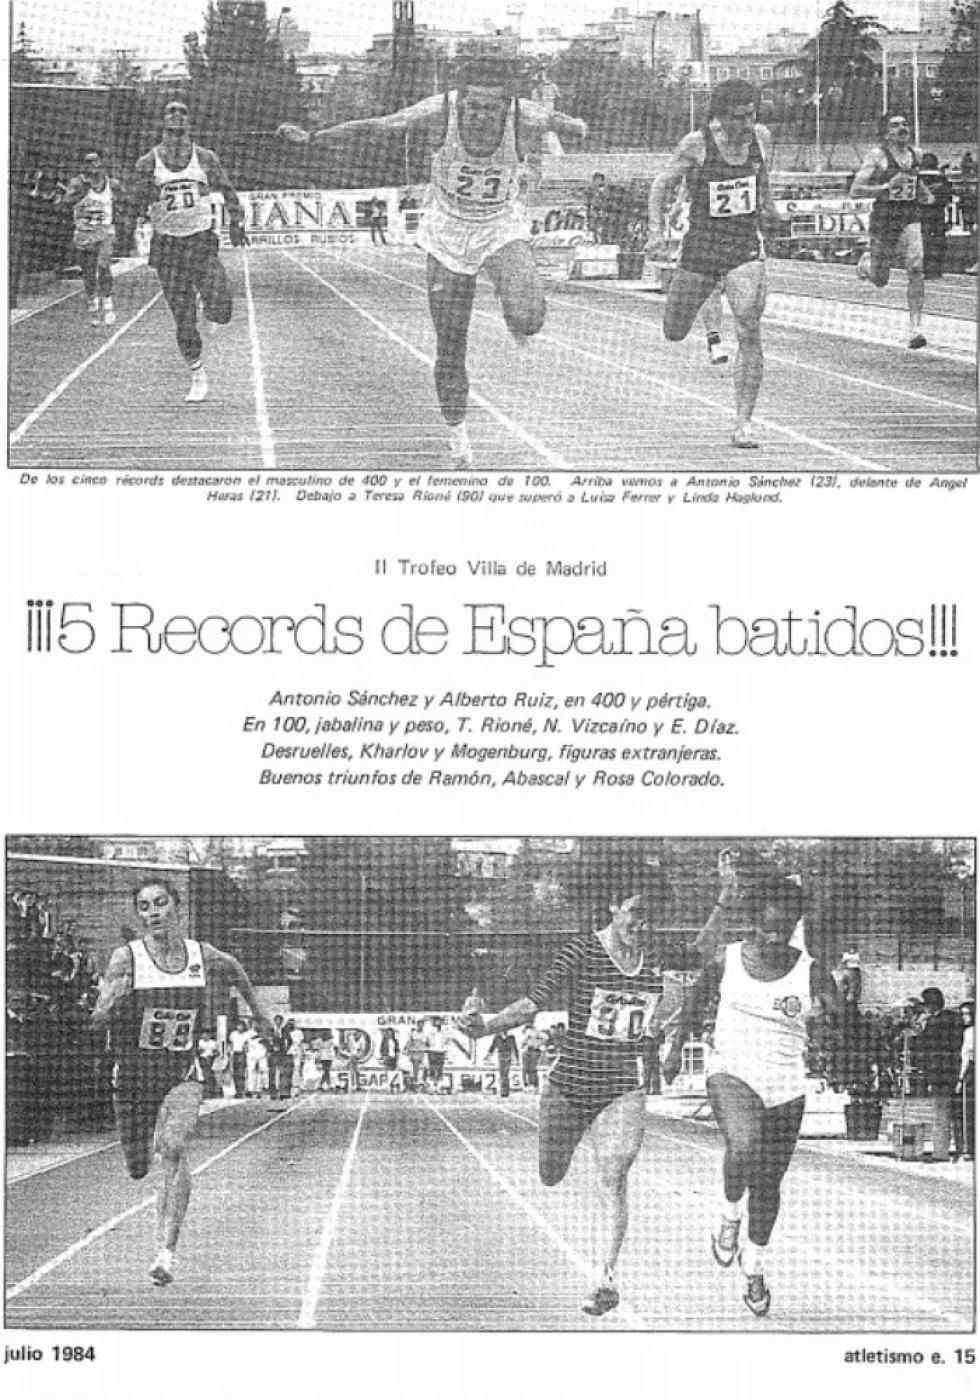 Reportaje en la revista 'Atletismo Español' sobre la segunda edición del Meeting de Madrid celebrada en Vallehermoso (1984)